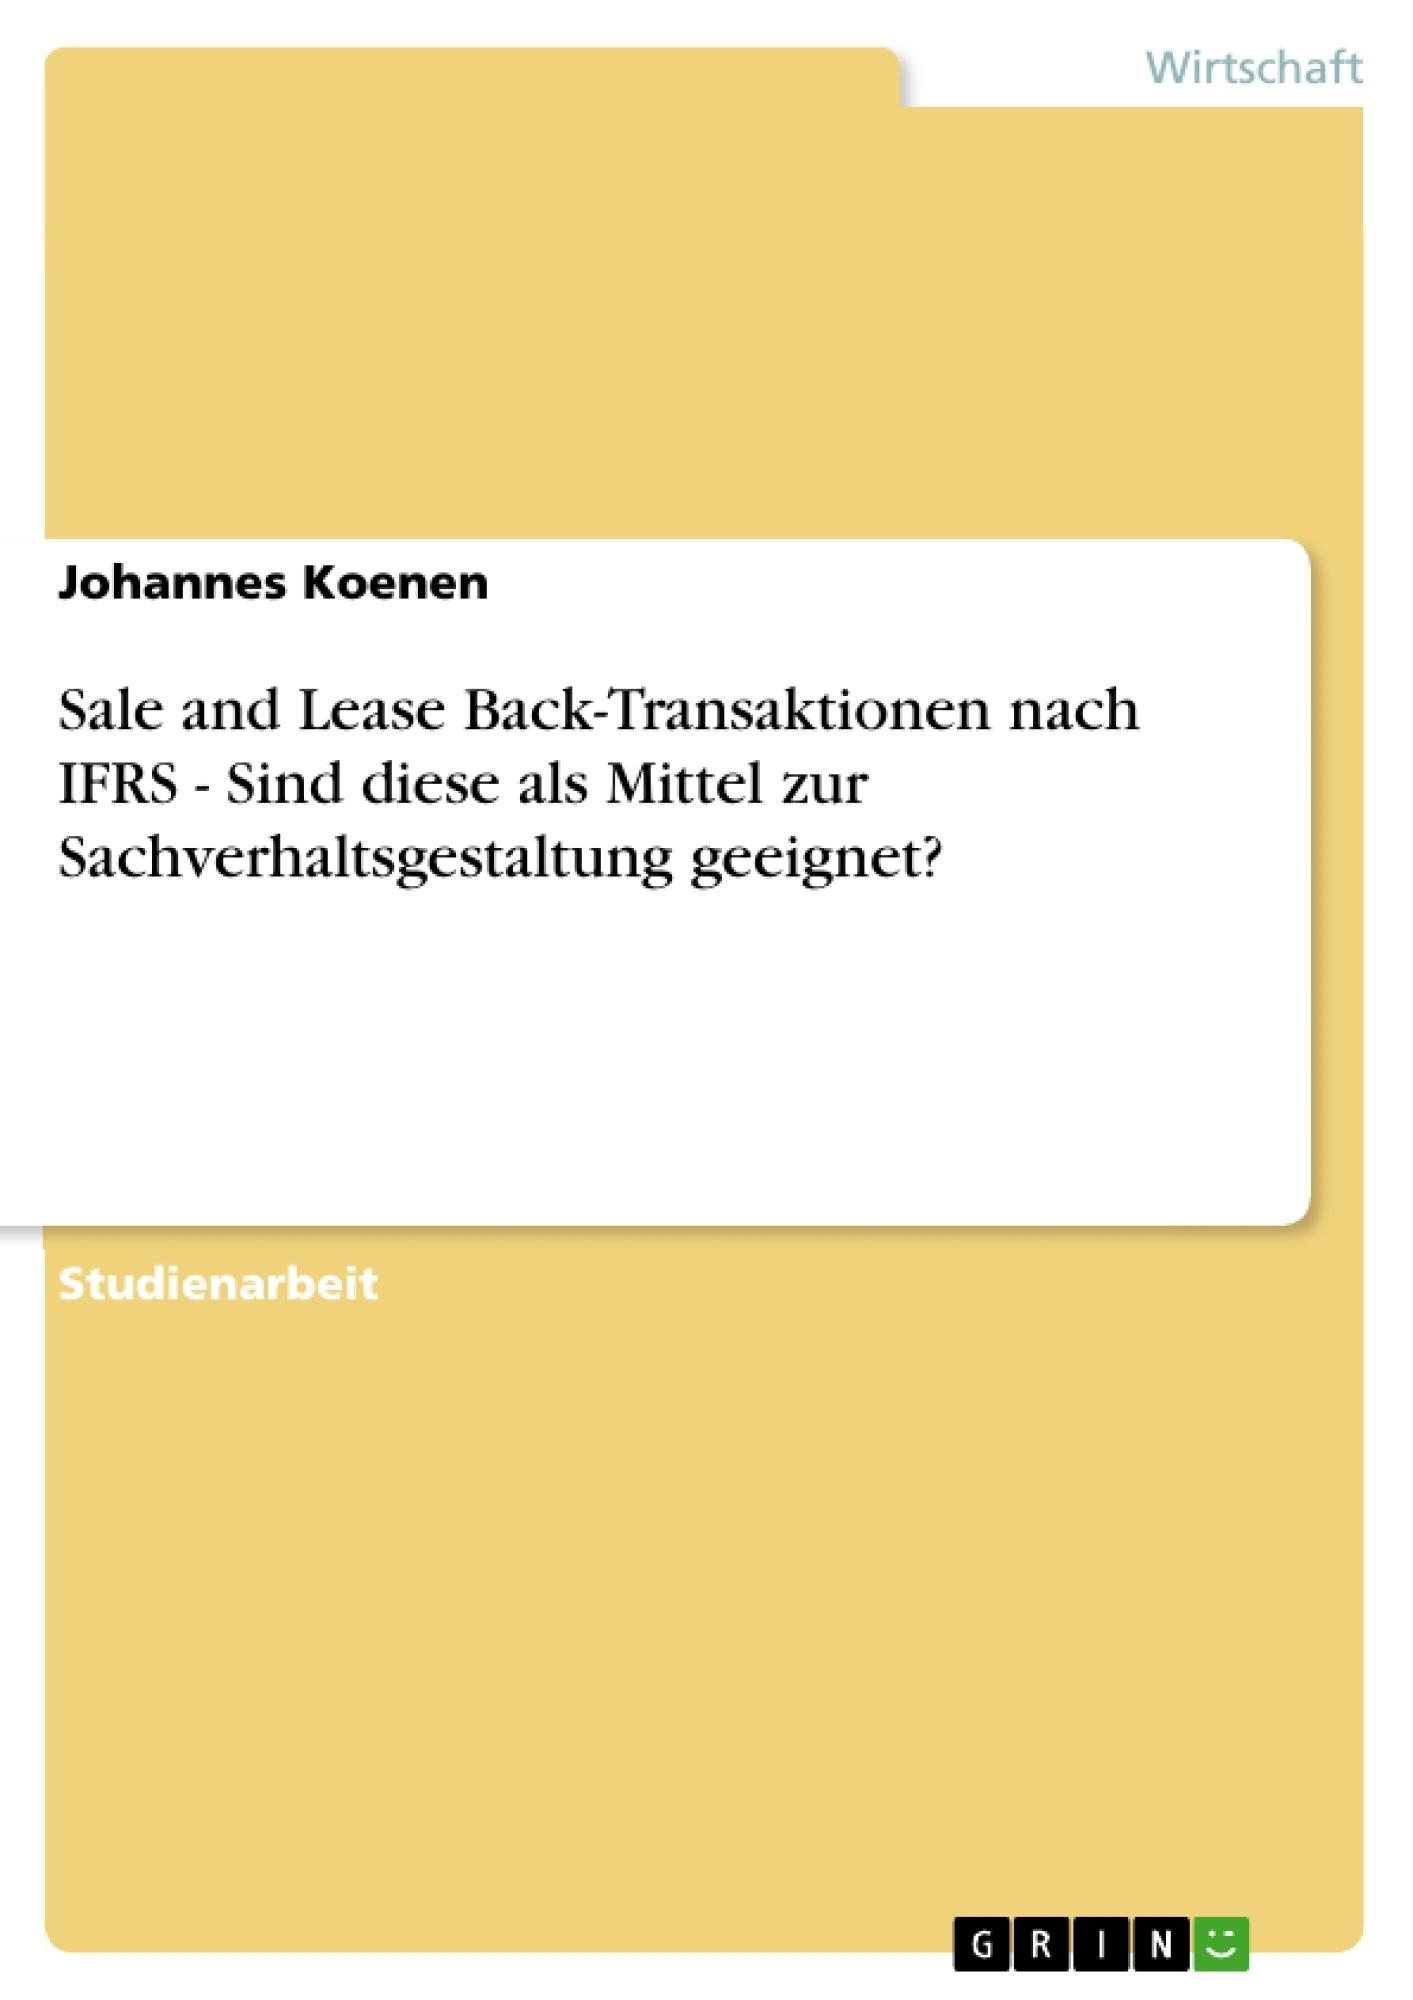 Titel: Sale and Lease Back-Transaktionen nach IFRS - Sind diese als Mittel zur Sachverhaltsgestaltung geeignet?